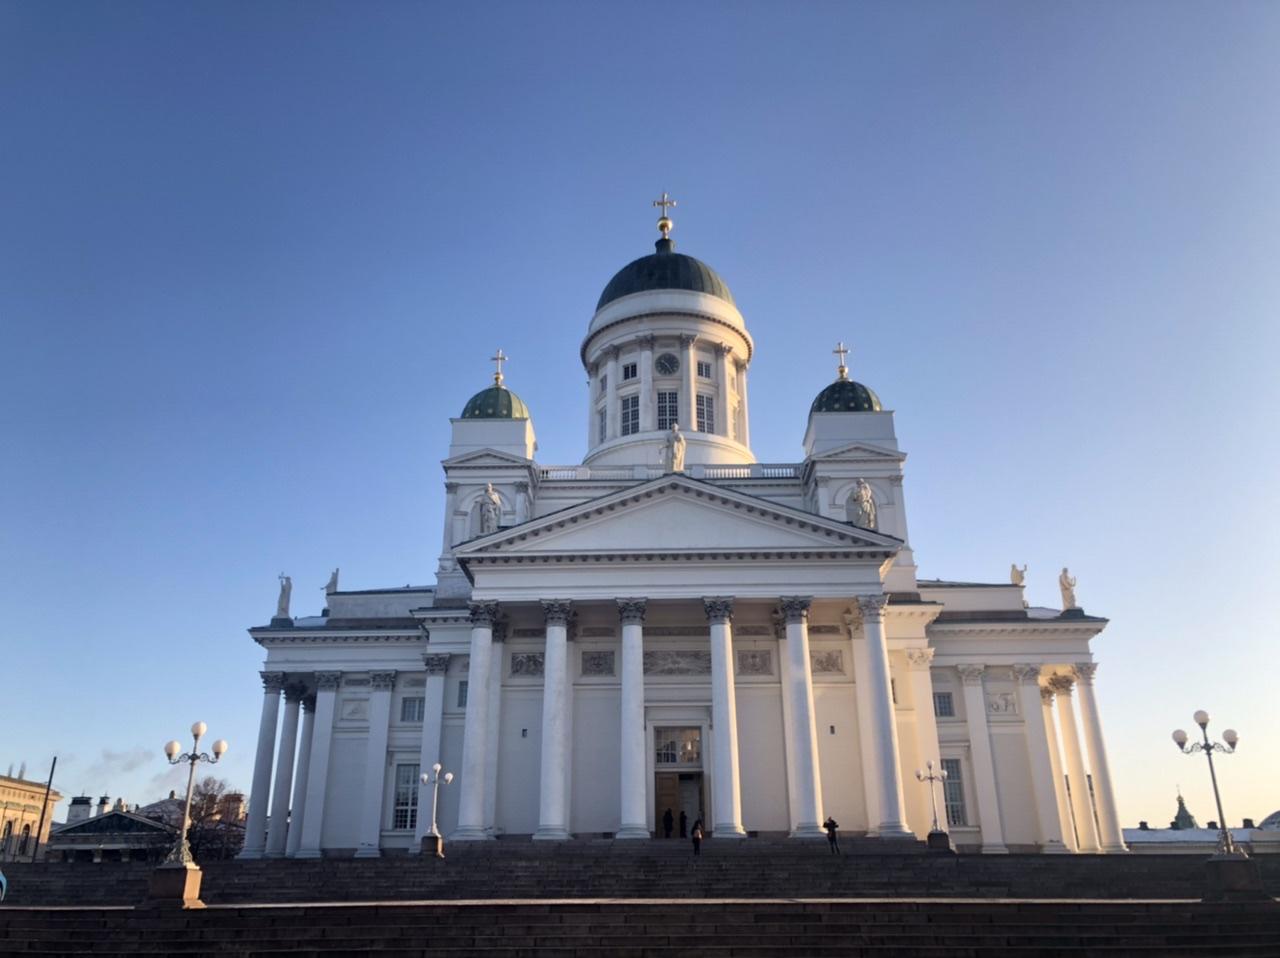 私が撮ったヘルシンキ大聖堂の写真